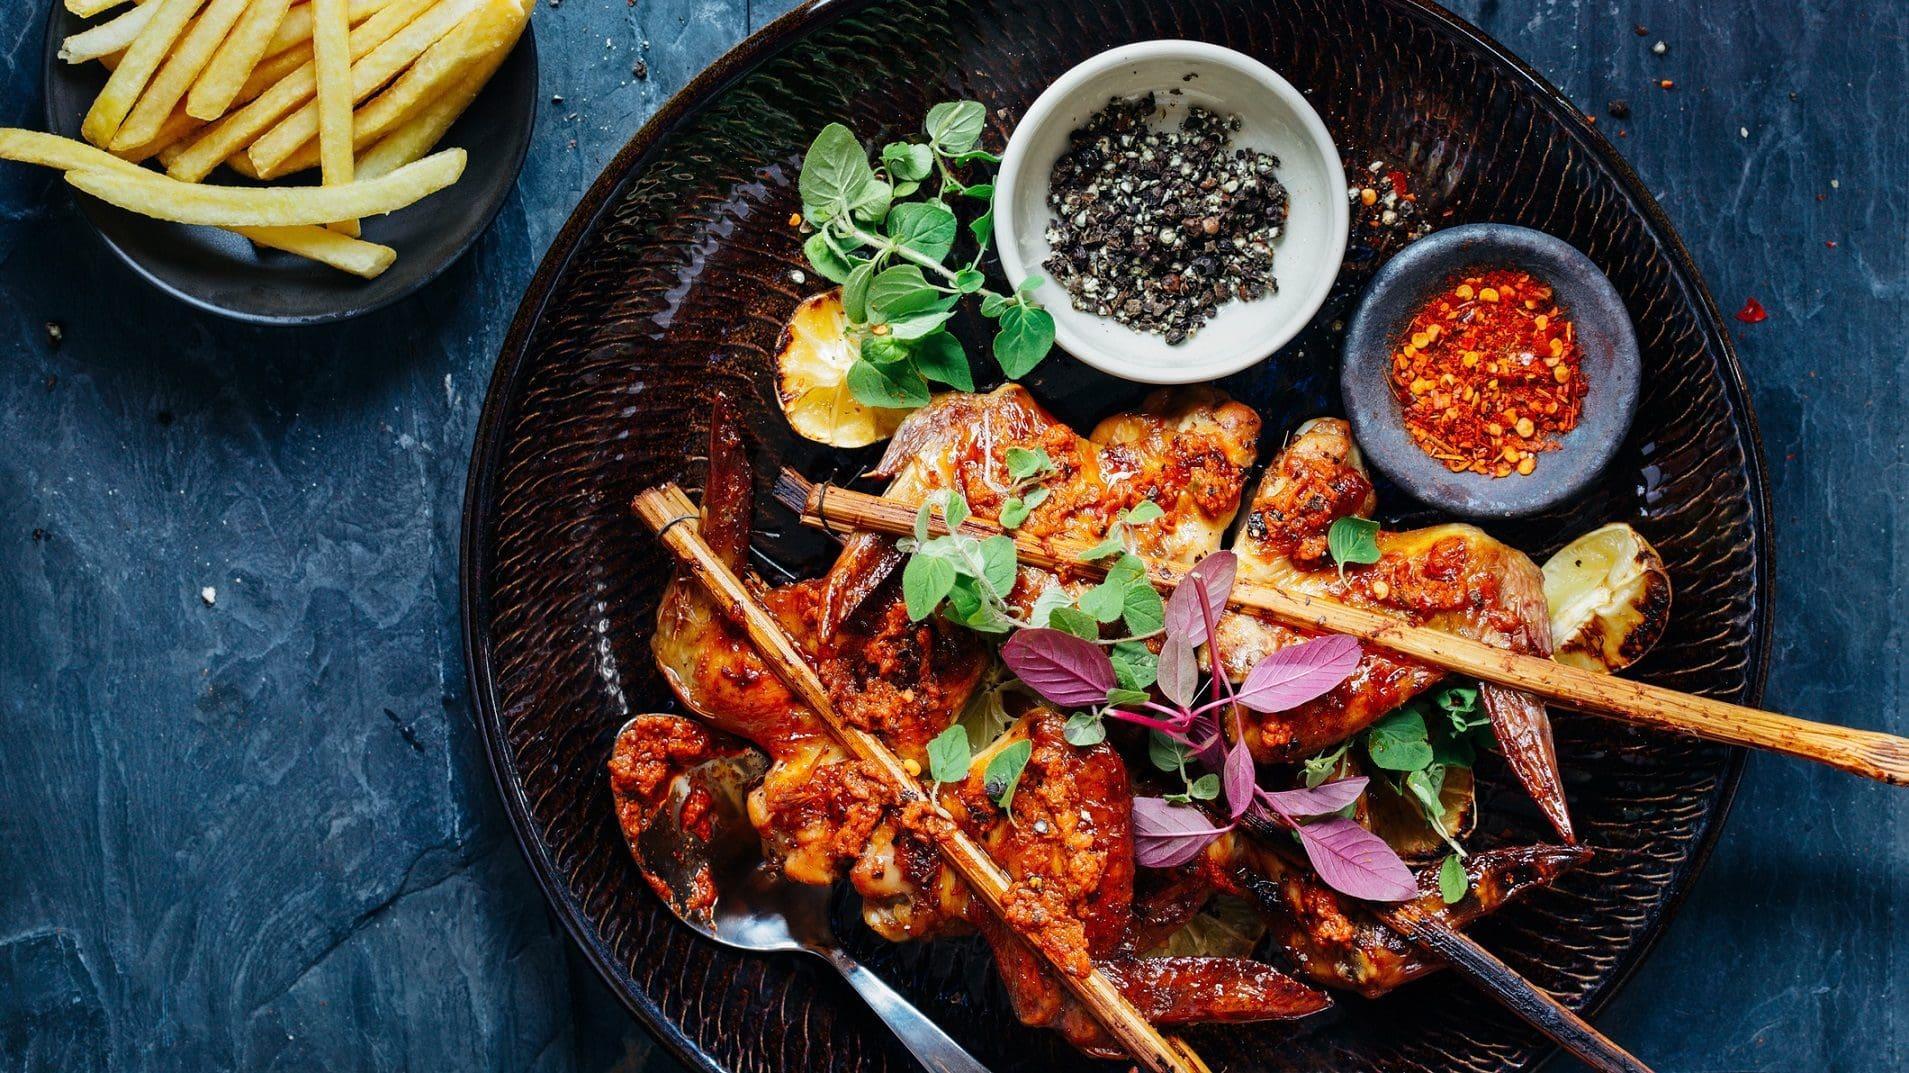 Thailändisches Hähnchen mit Teriyakisoße: ein Teller mit Hähnchenspießen, Gemüse und einer Schale mit Pfeffer- und Chilikörner. Daneben eine Schüssel Pommes.